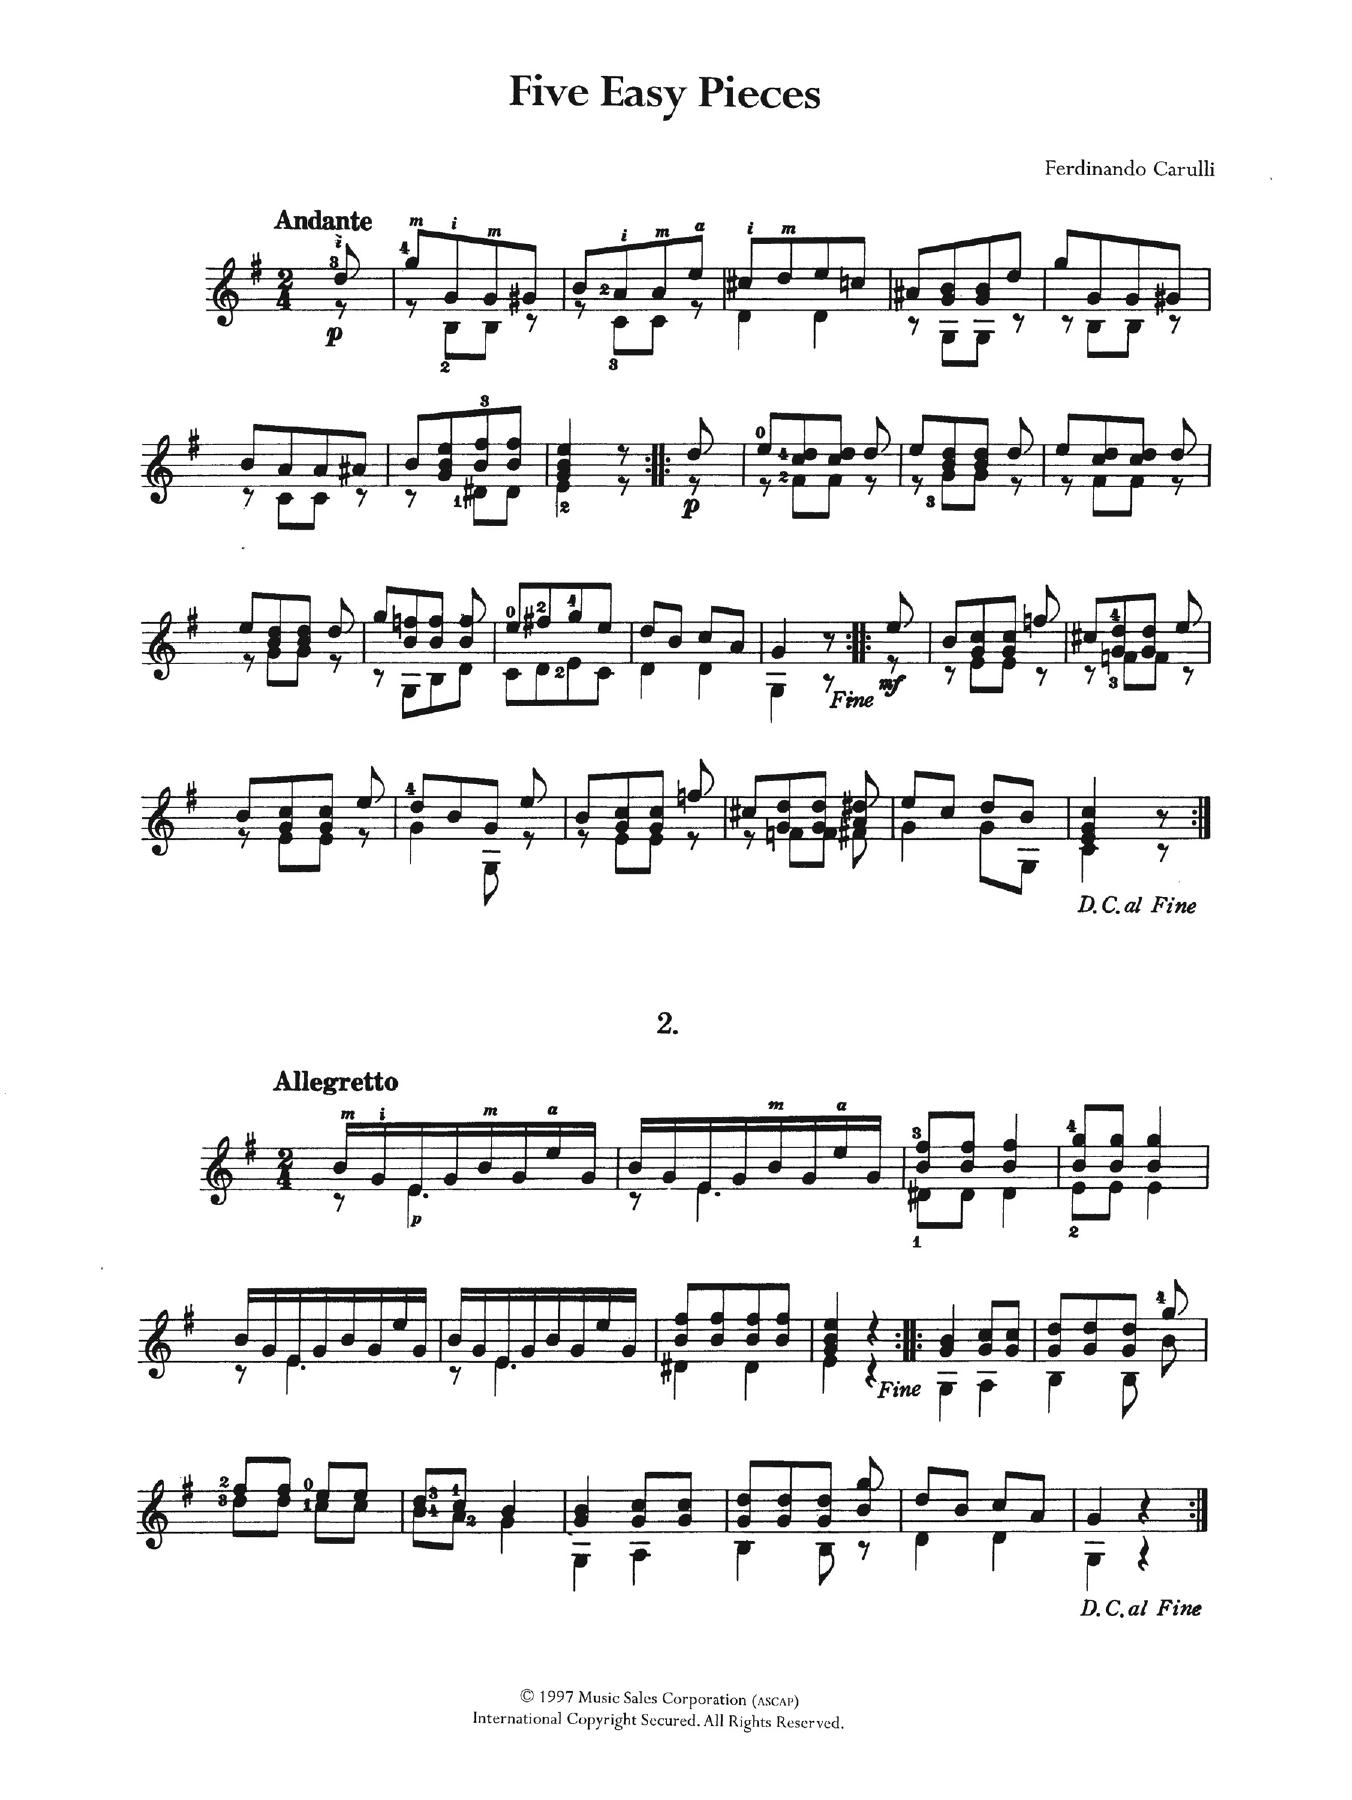 Ferdinando Carulli - Five Easy Pieces